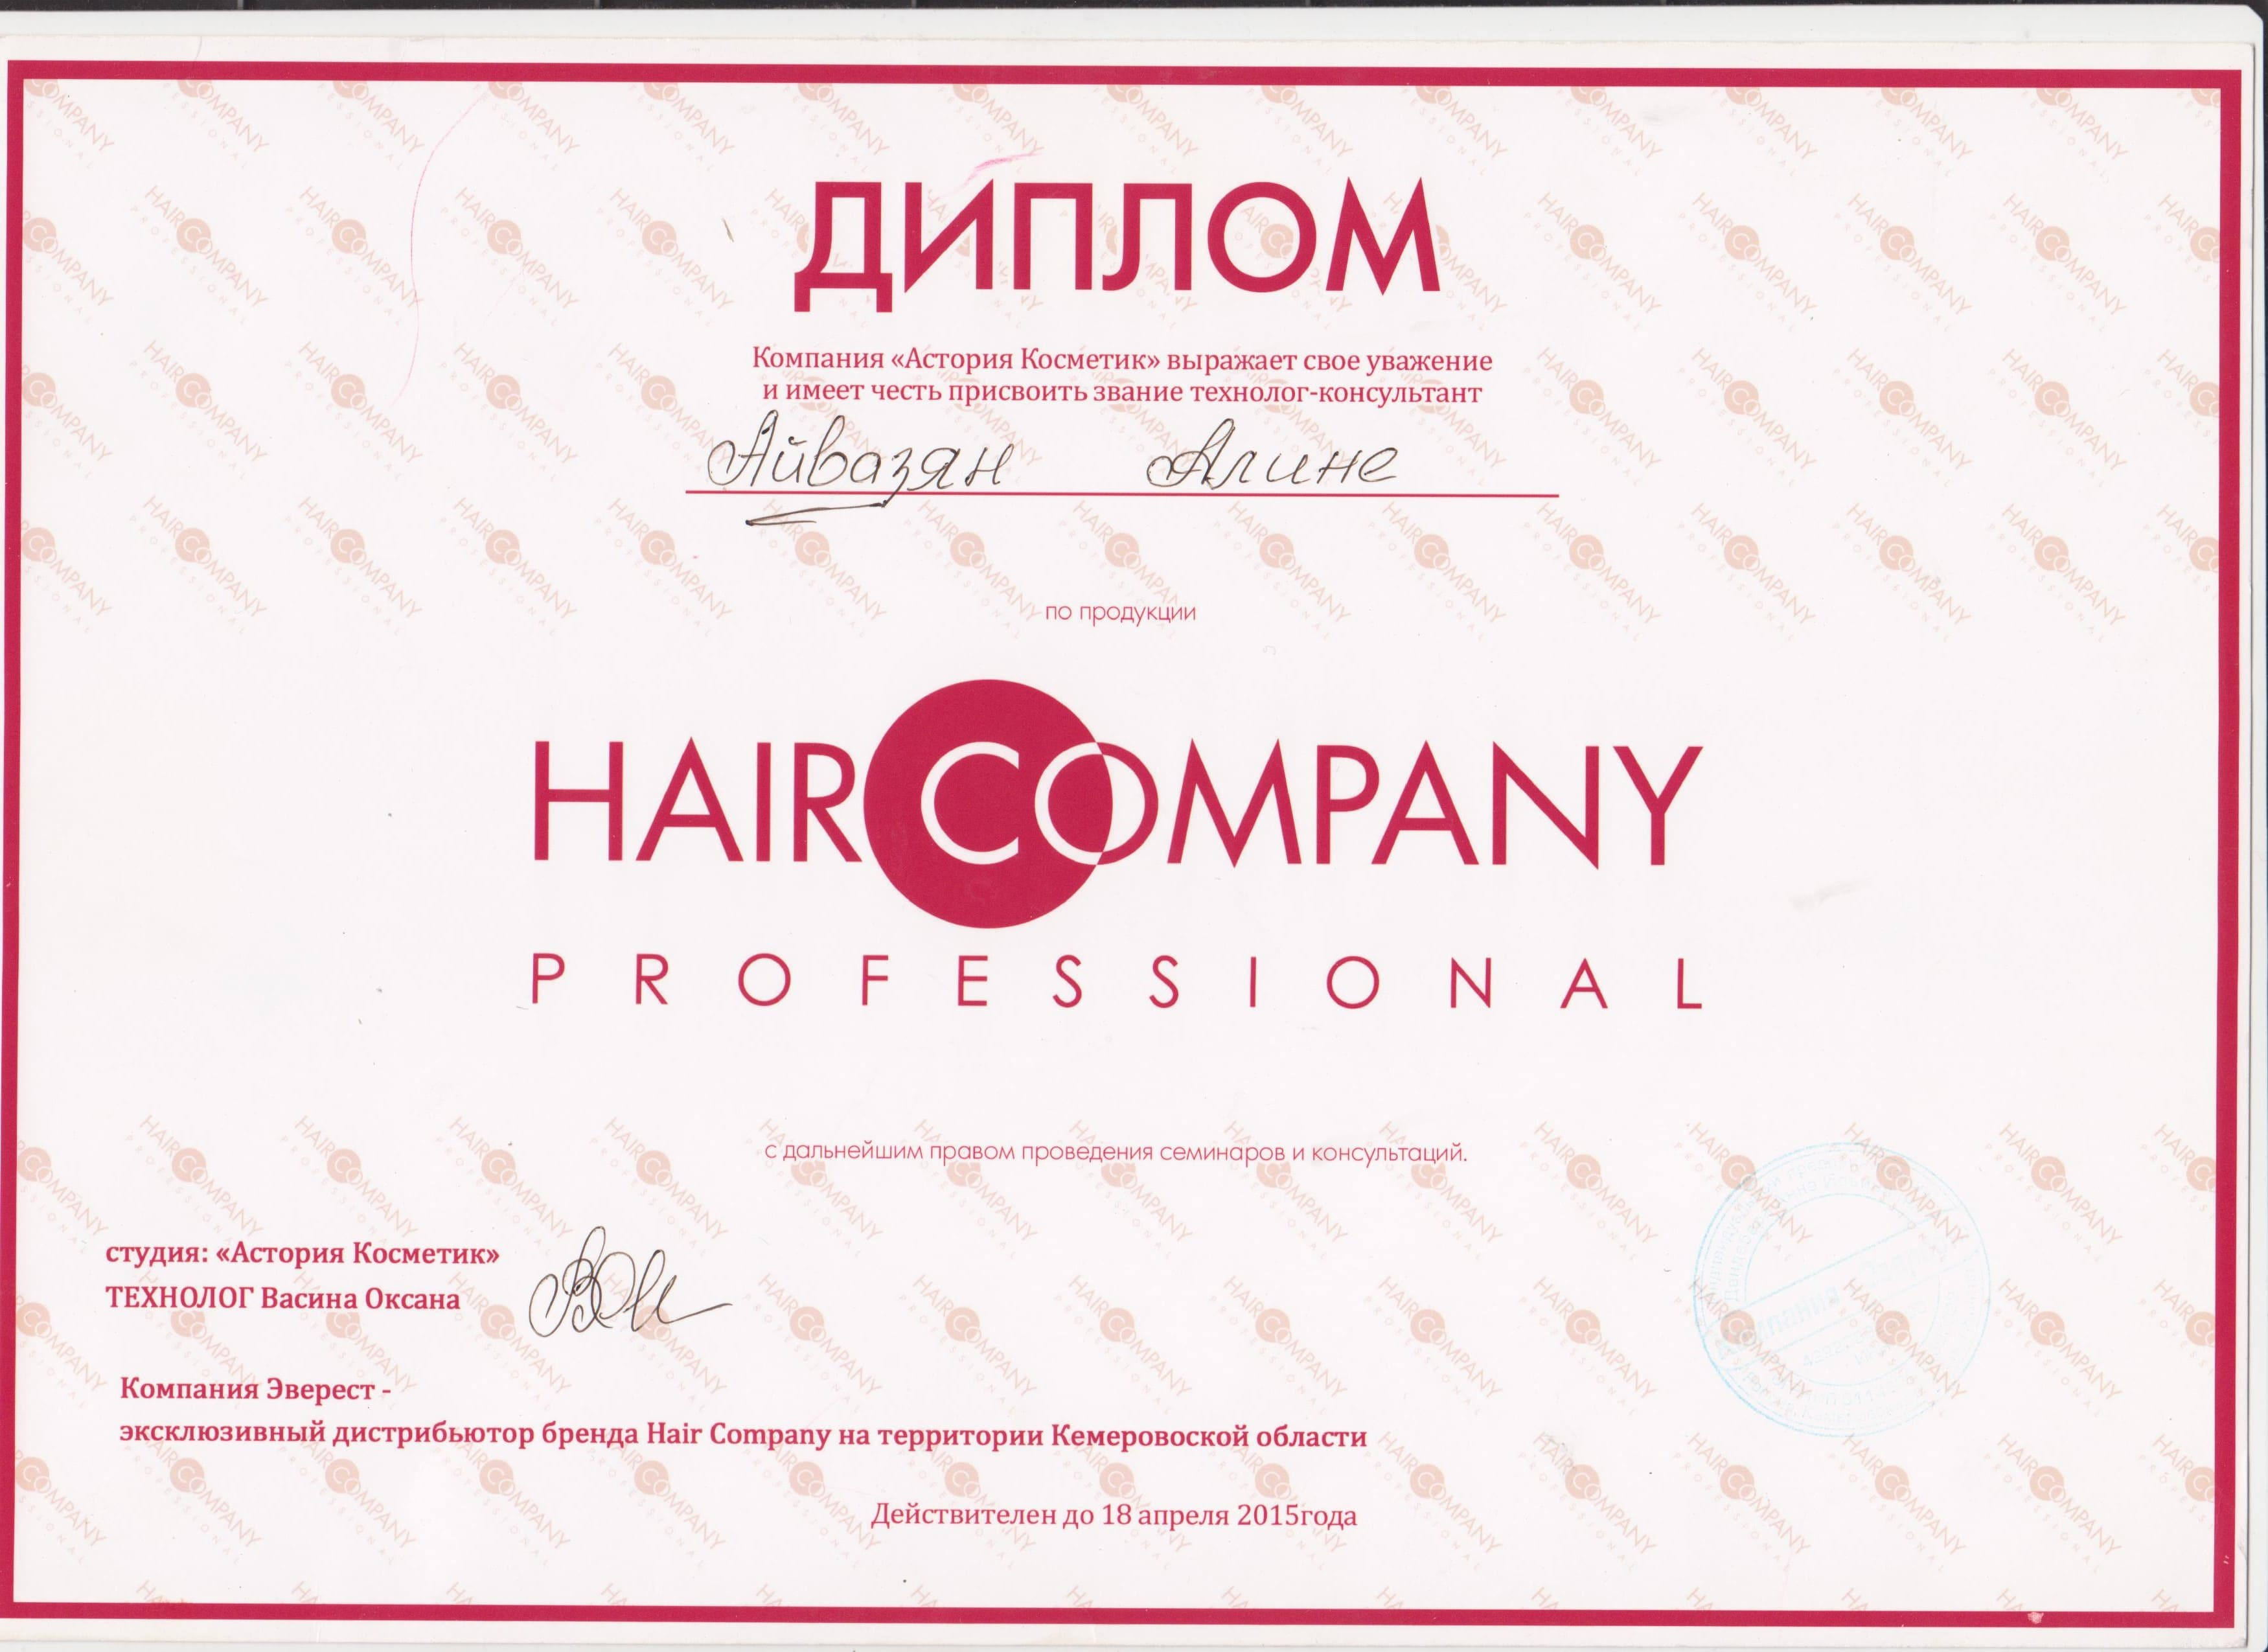 2015 технолог консультант hair company